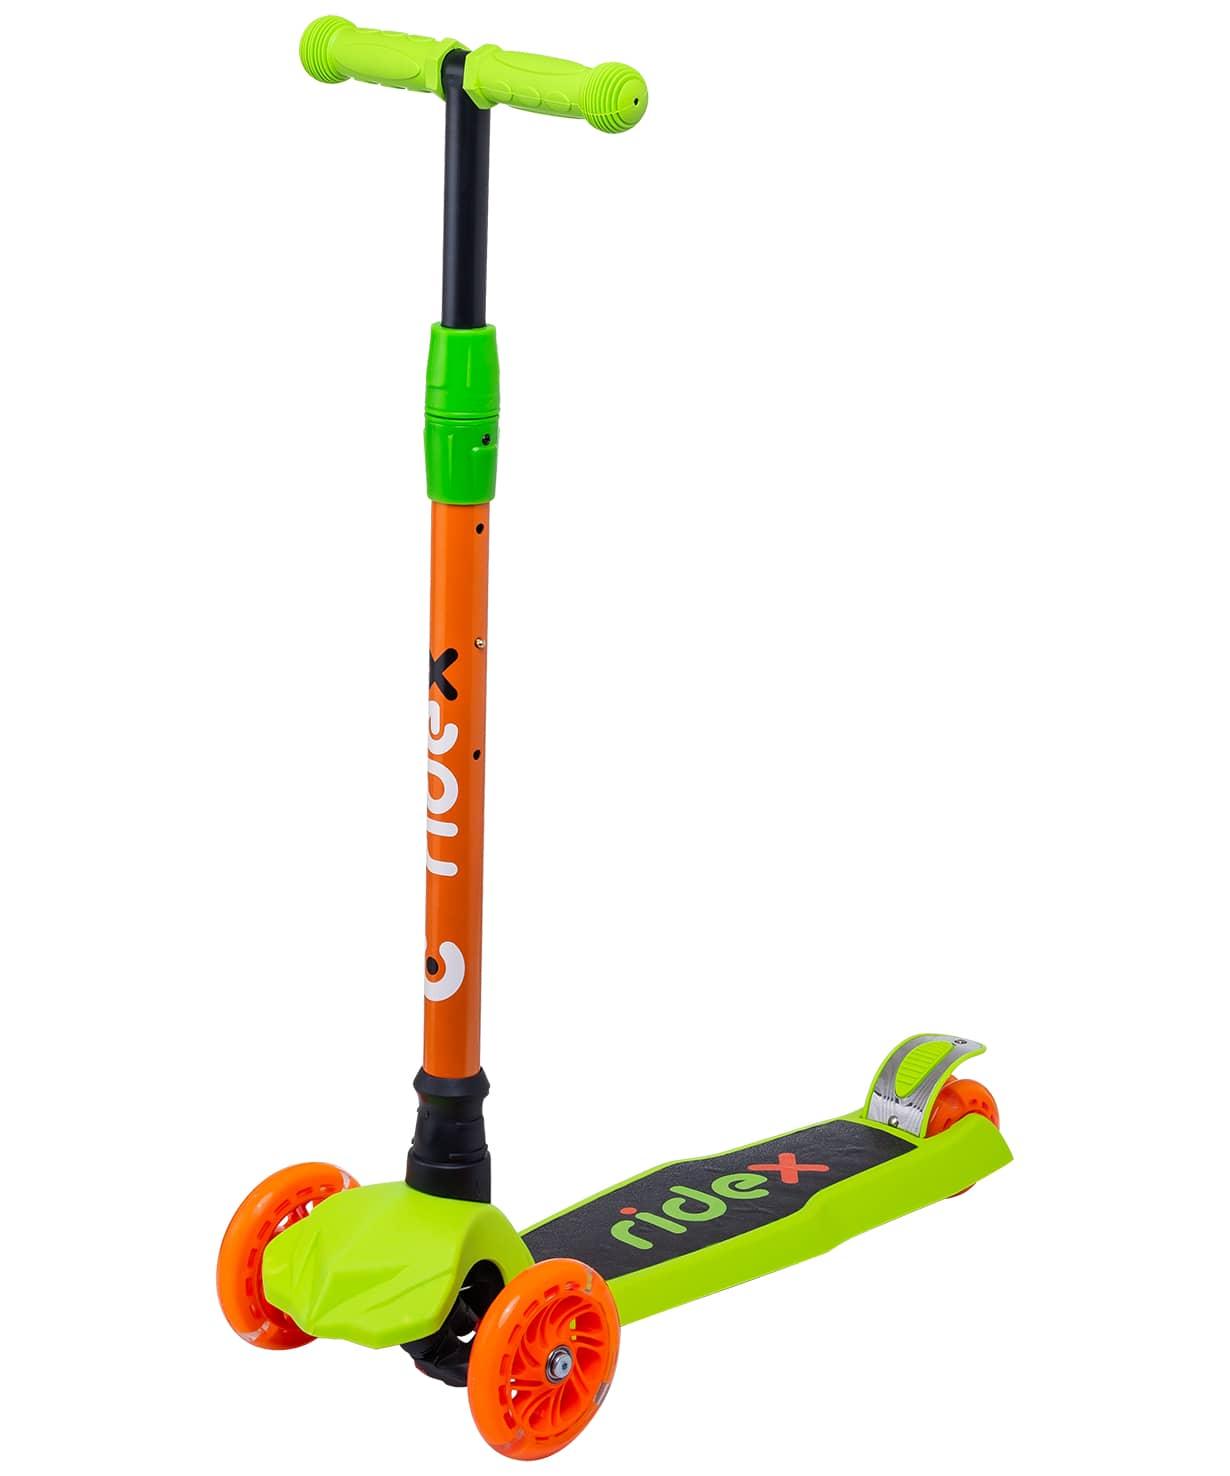 Купить Самокат 3-колесный Ridex Chip d120/80 мм, оранжевыйзеленый,